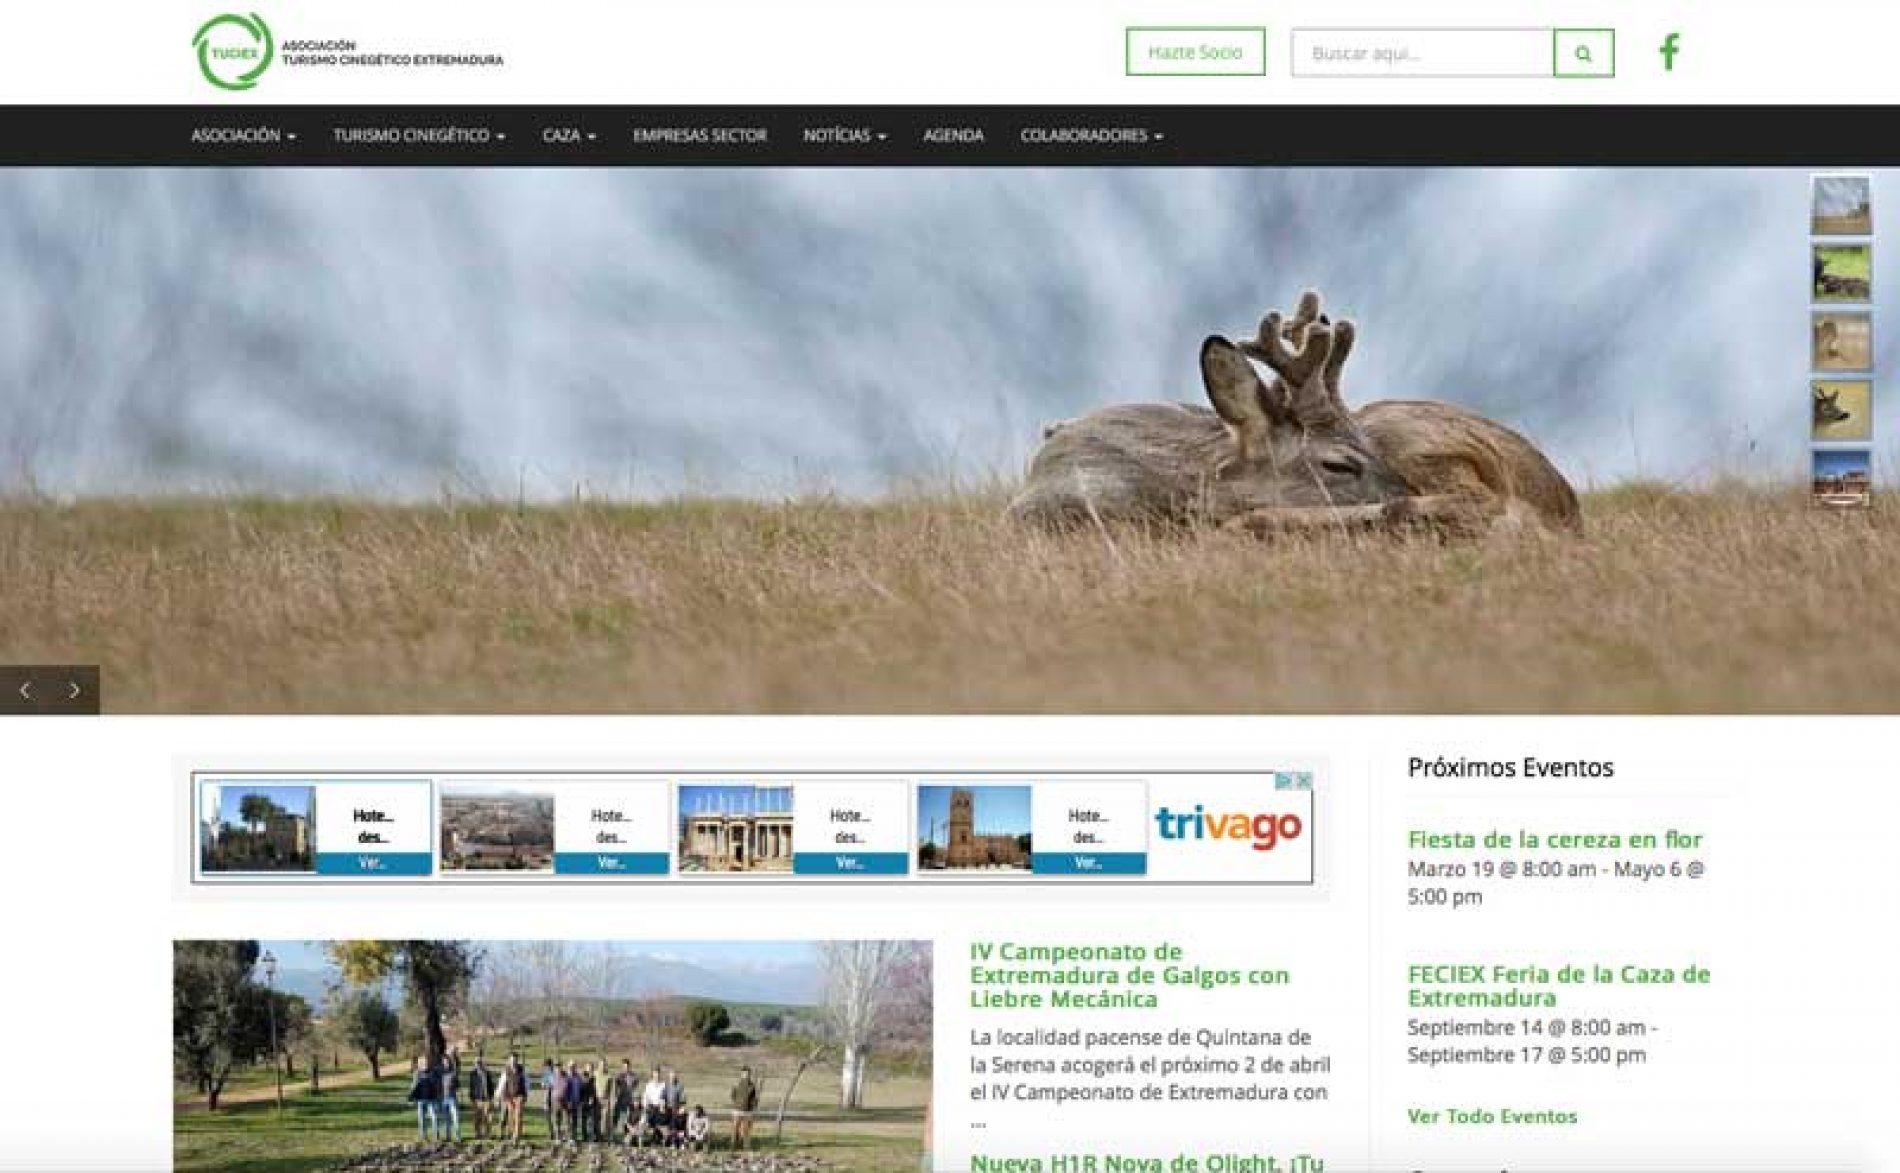 Nueva web de la asociación de turismo cinegético de Extremadura, Tuciex